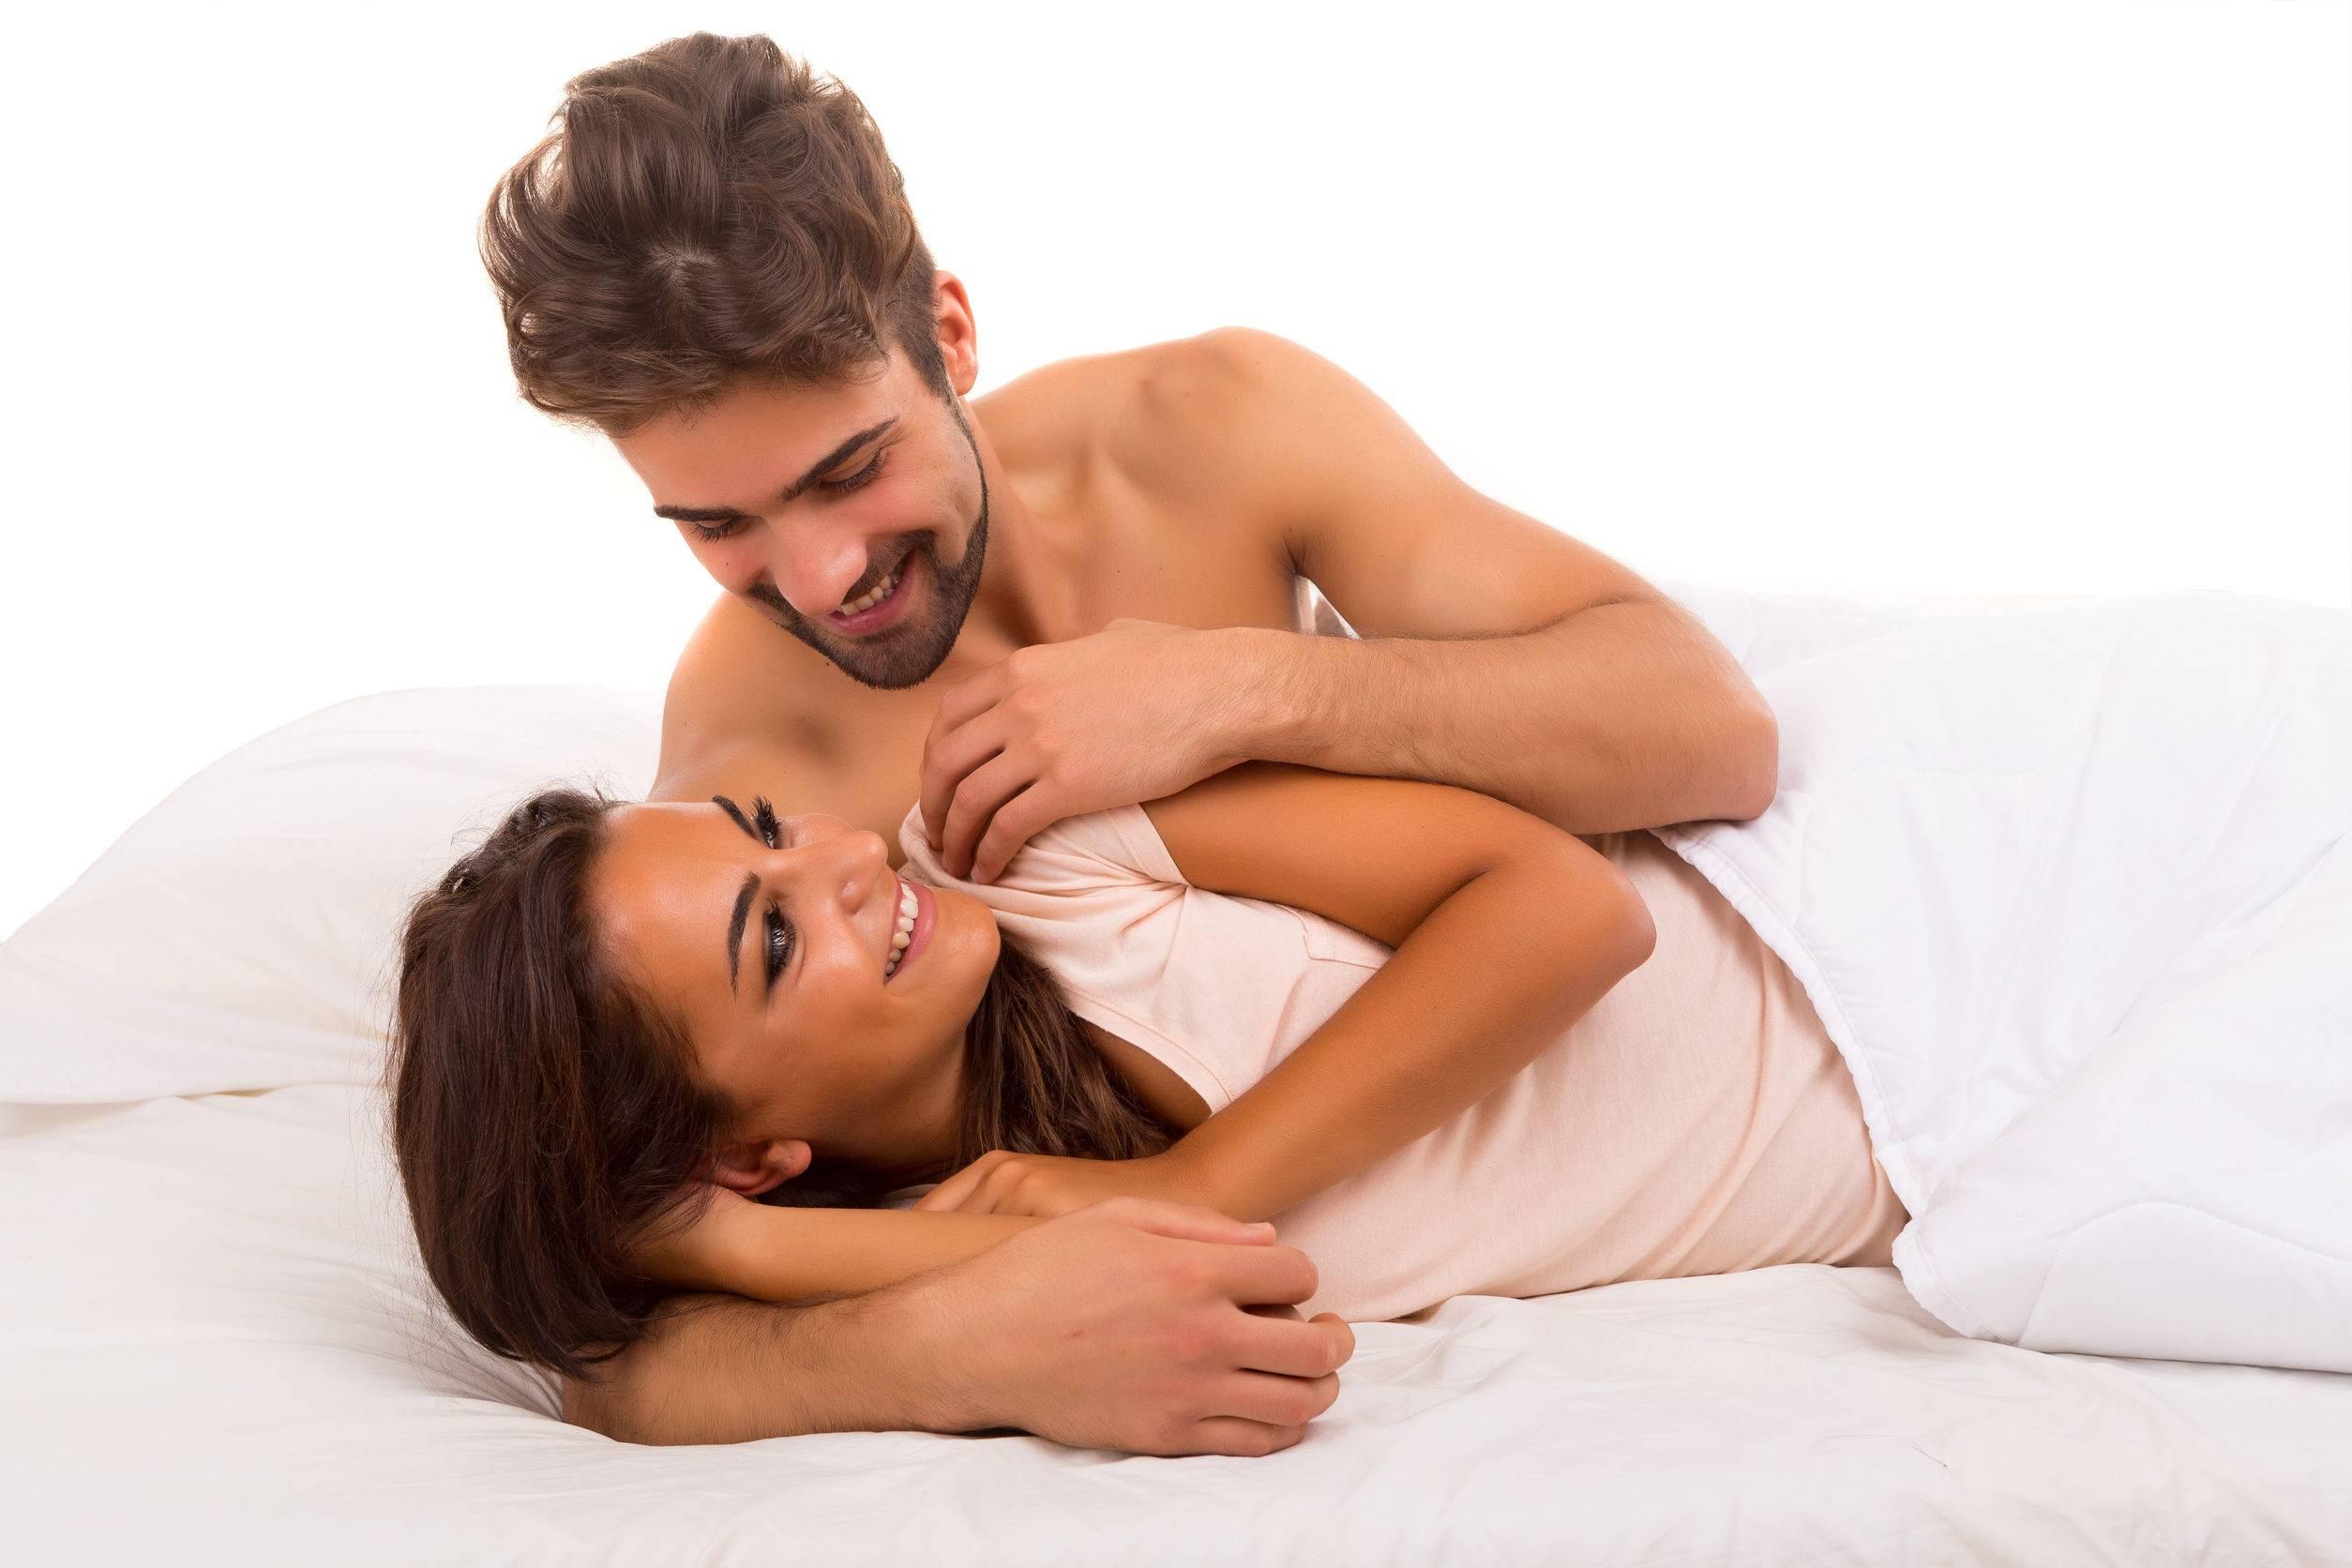 Így hat a szex a testünkre, 9 ok a szexre 1